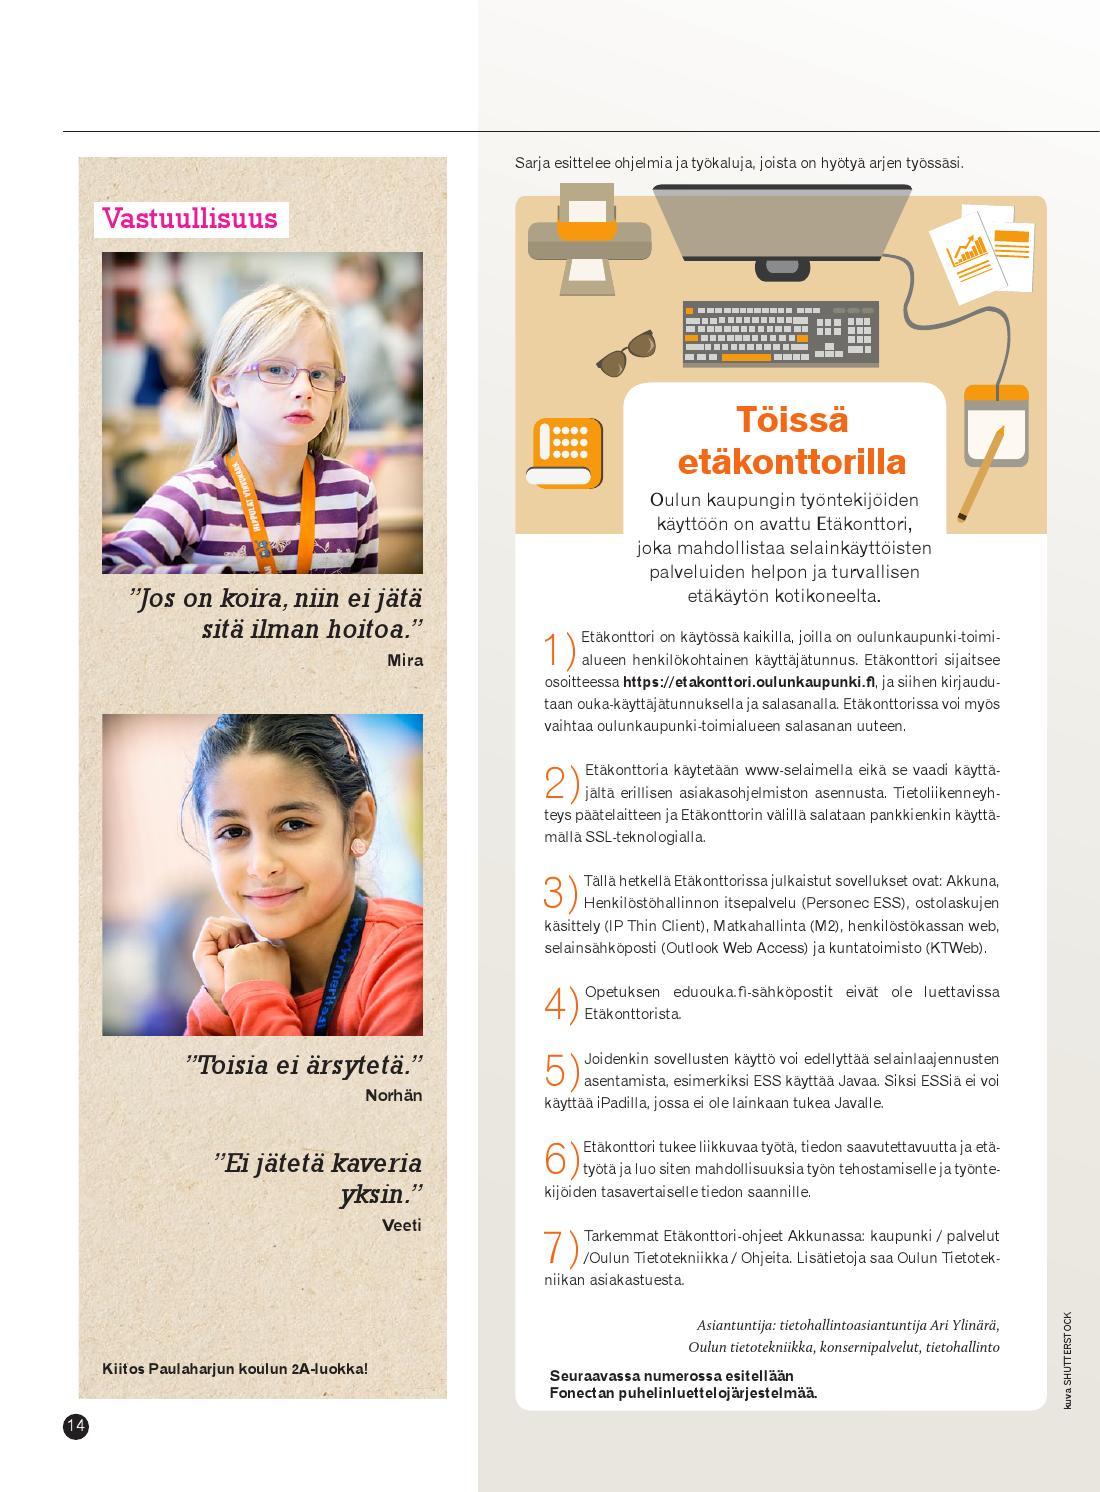 Outlook Eduouka